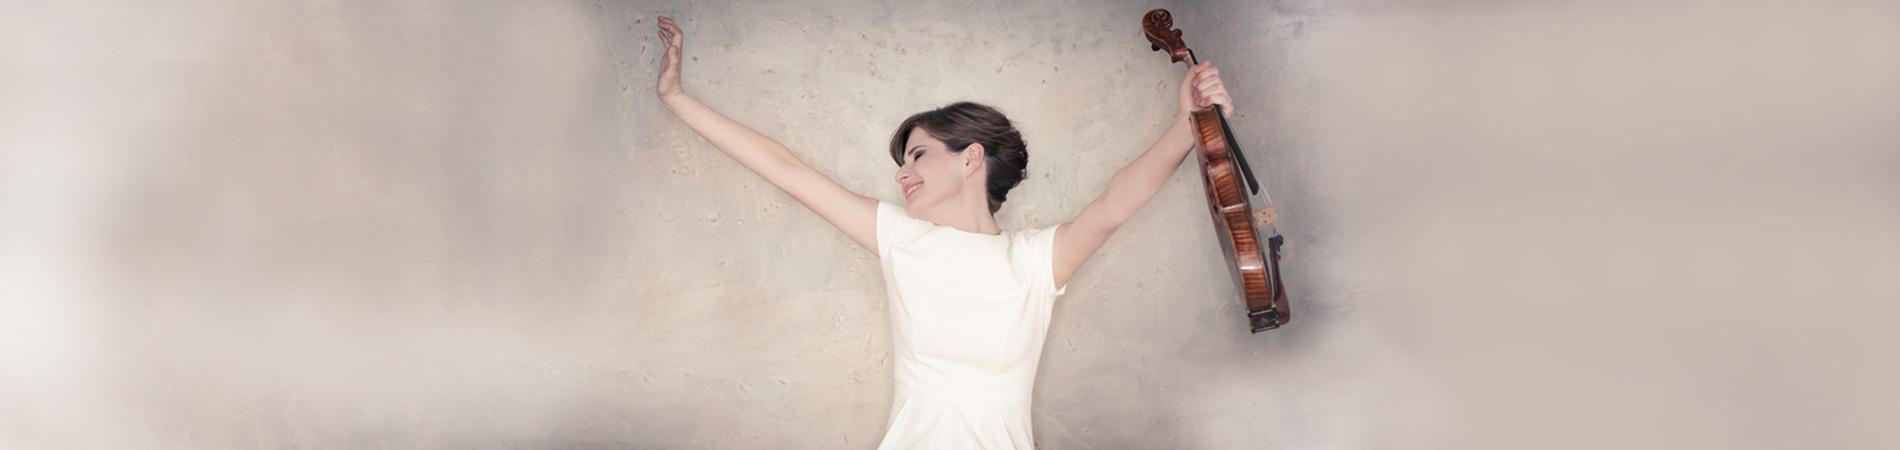 Lisa Batiashvili, violin soloist for Orpheus Chamber Orchestra